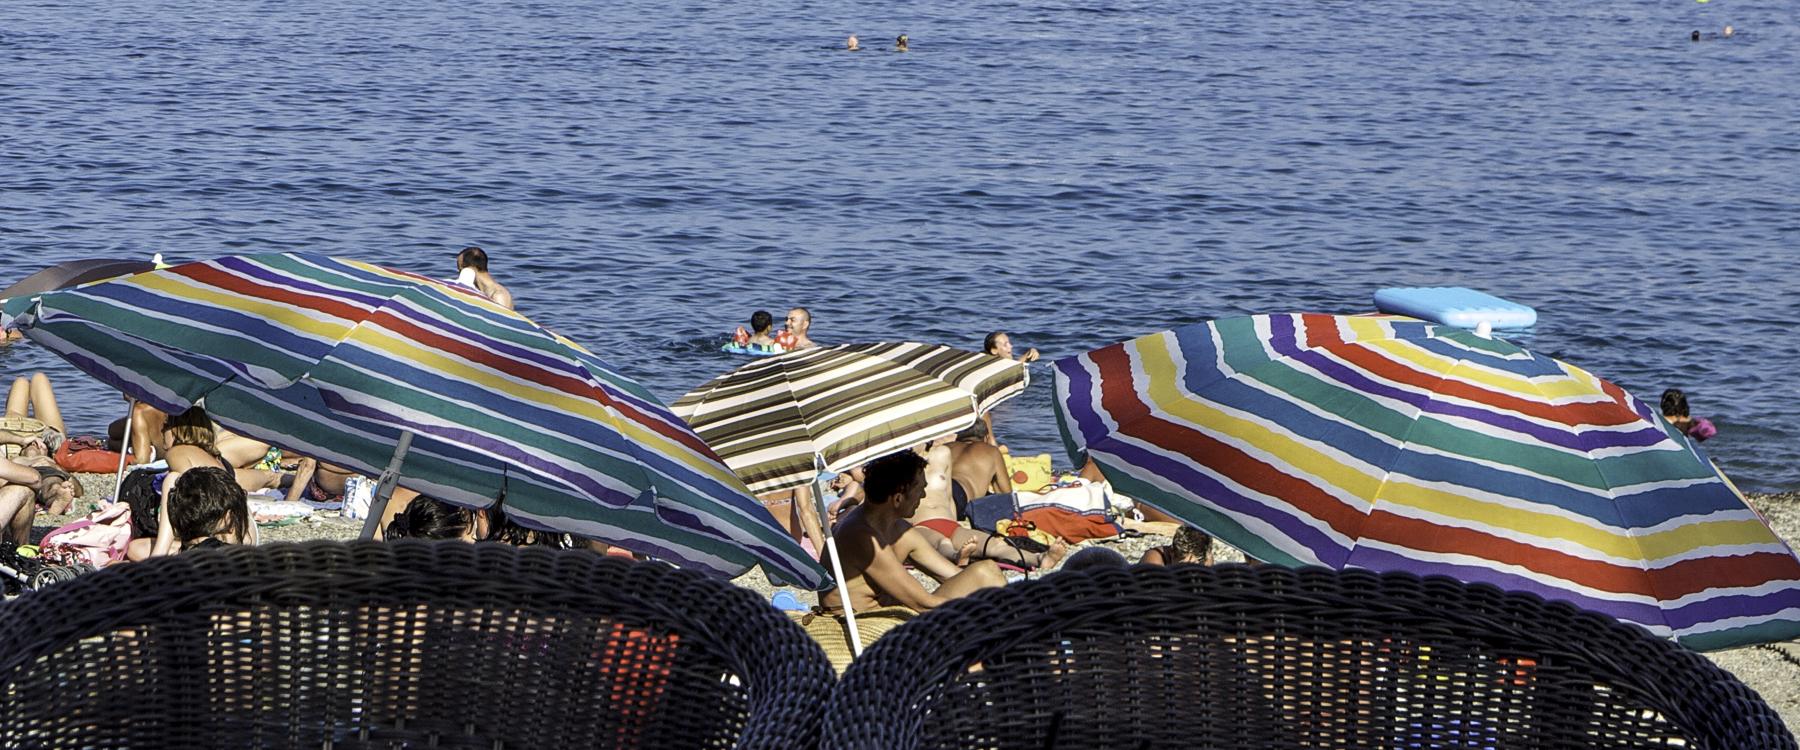 On the Beach, Collioure